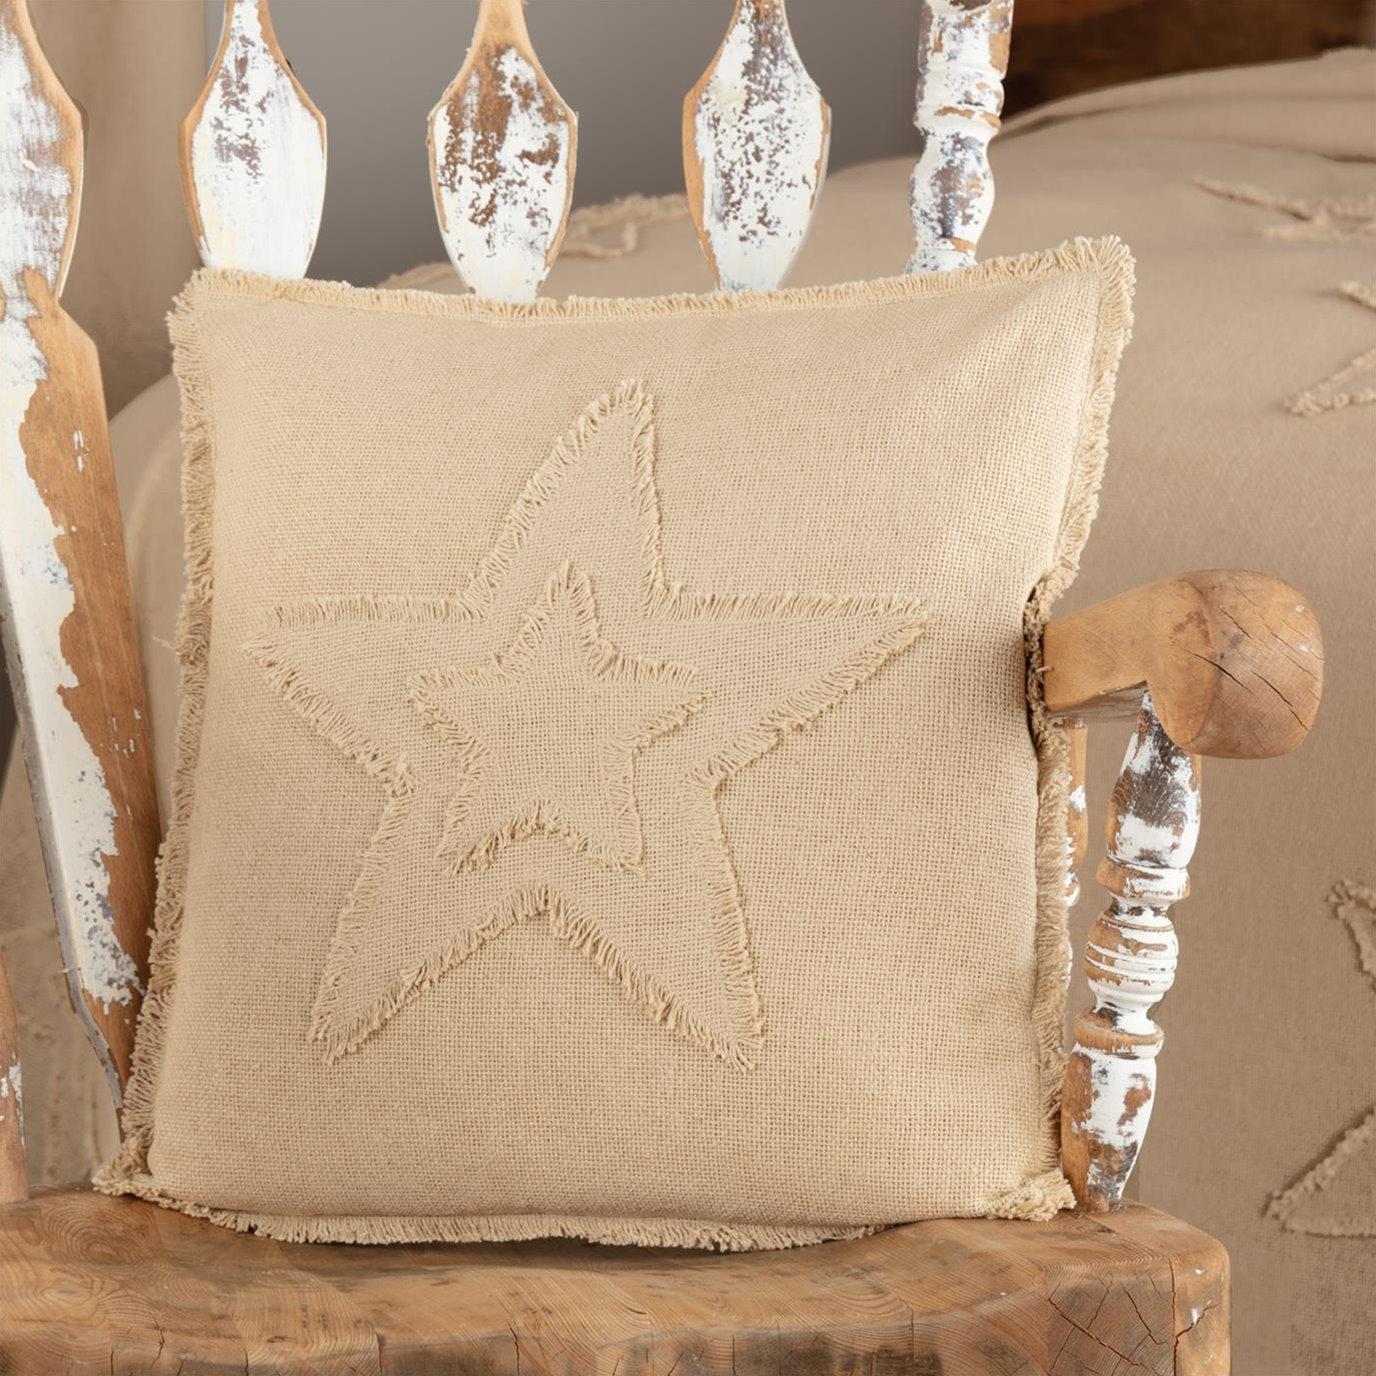 Burlap Vintage Star Pillow 18x18